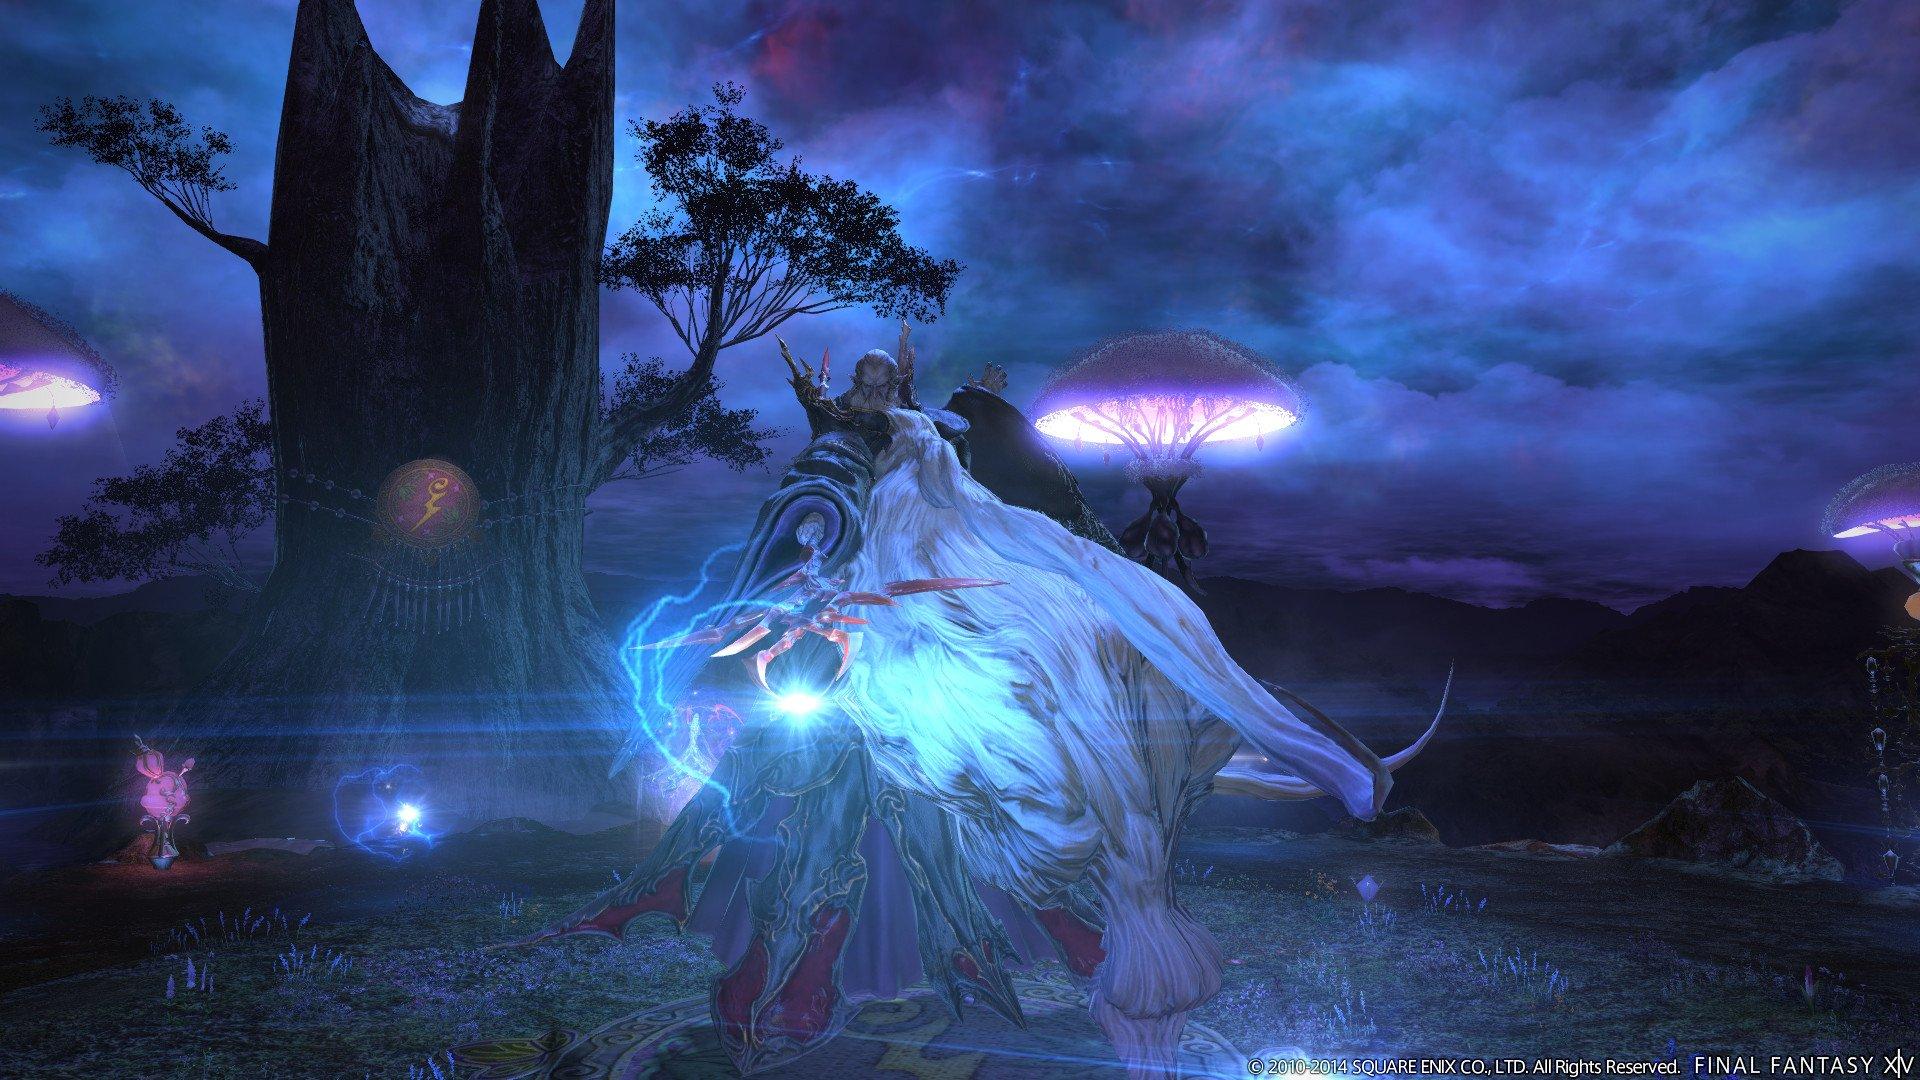 Final Fantasy XIV A Realm Reborn   Imgenes juego PC   3DJuegos 1920x1080